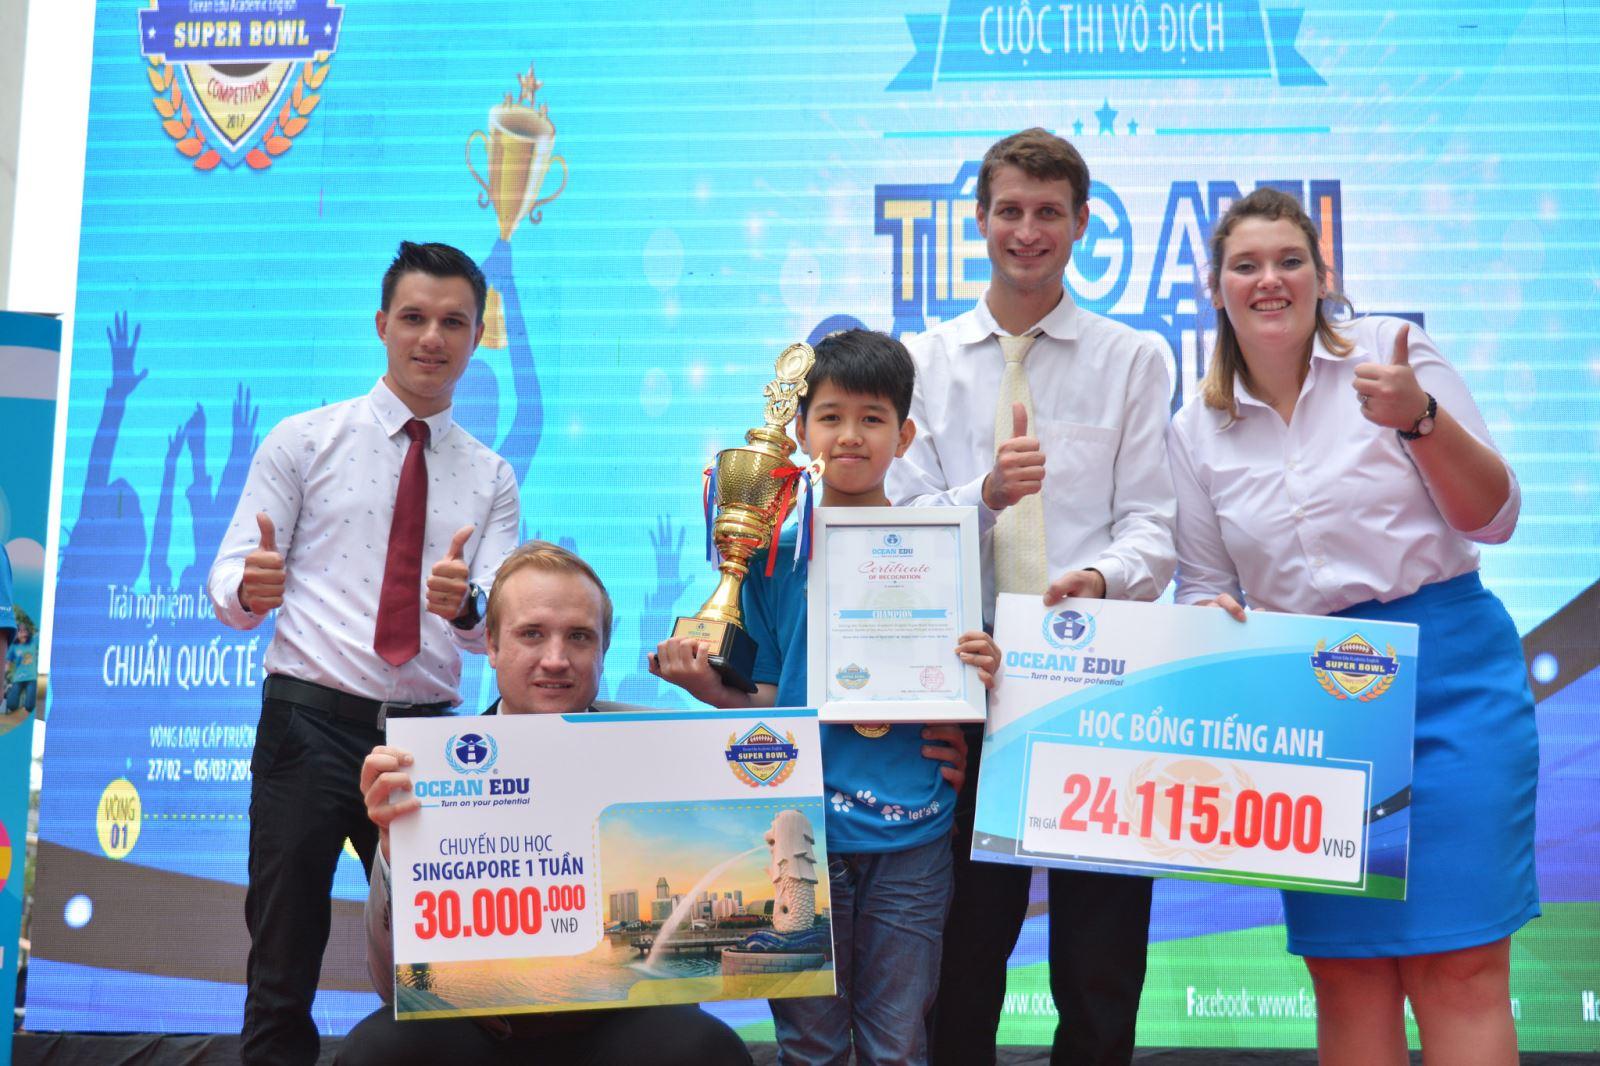 Ocean Edu triển khai quỹ học bổng khuyến học lên tới 10 tỷ đồng